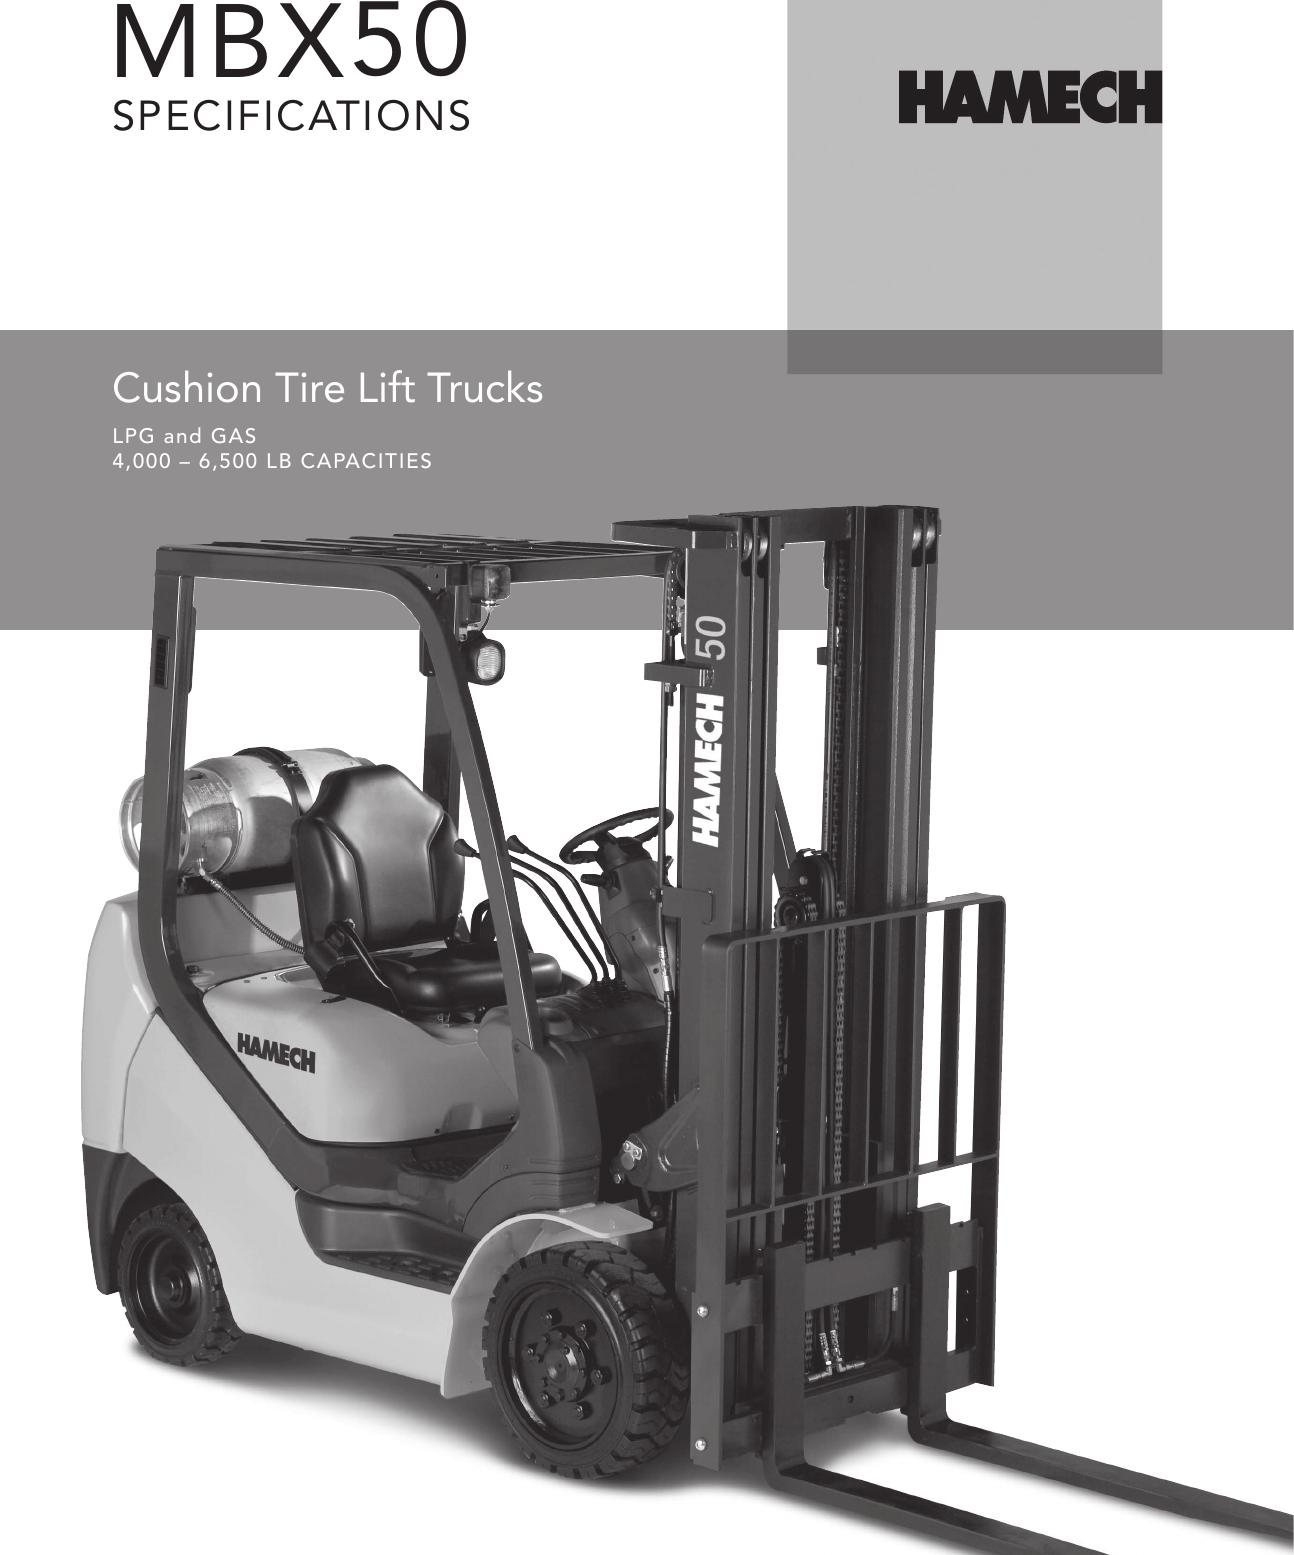 Crown Forklift Manuals Best Fork 2018 Wiring Diagram Parts Manual Luxury Reach Truck Esr Tlcgroupuk